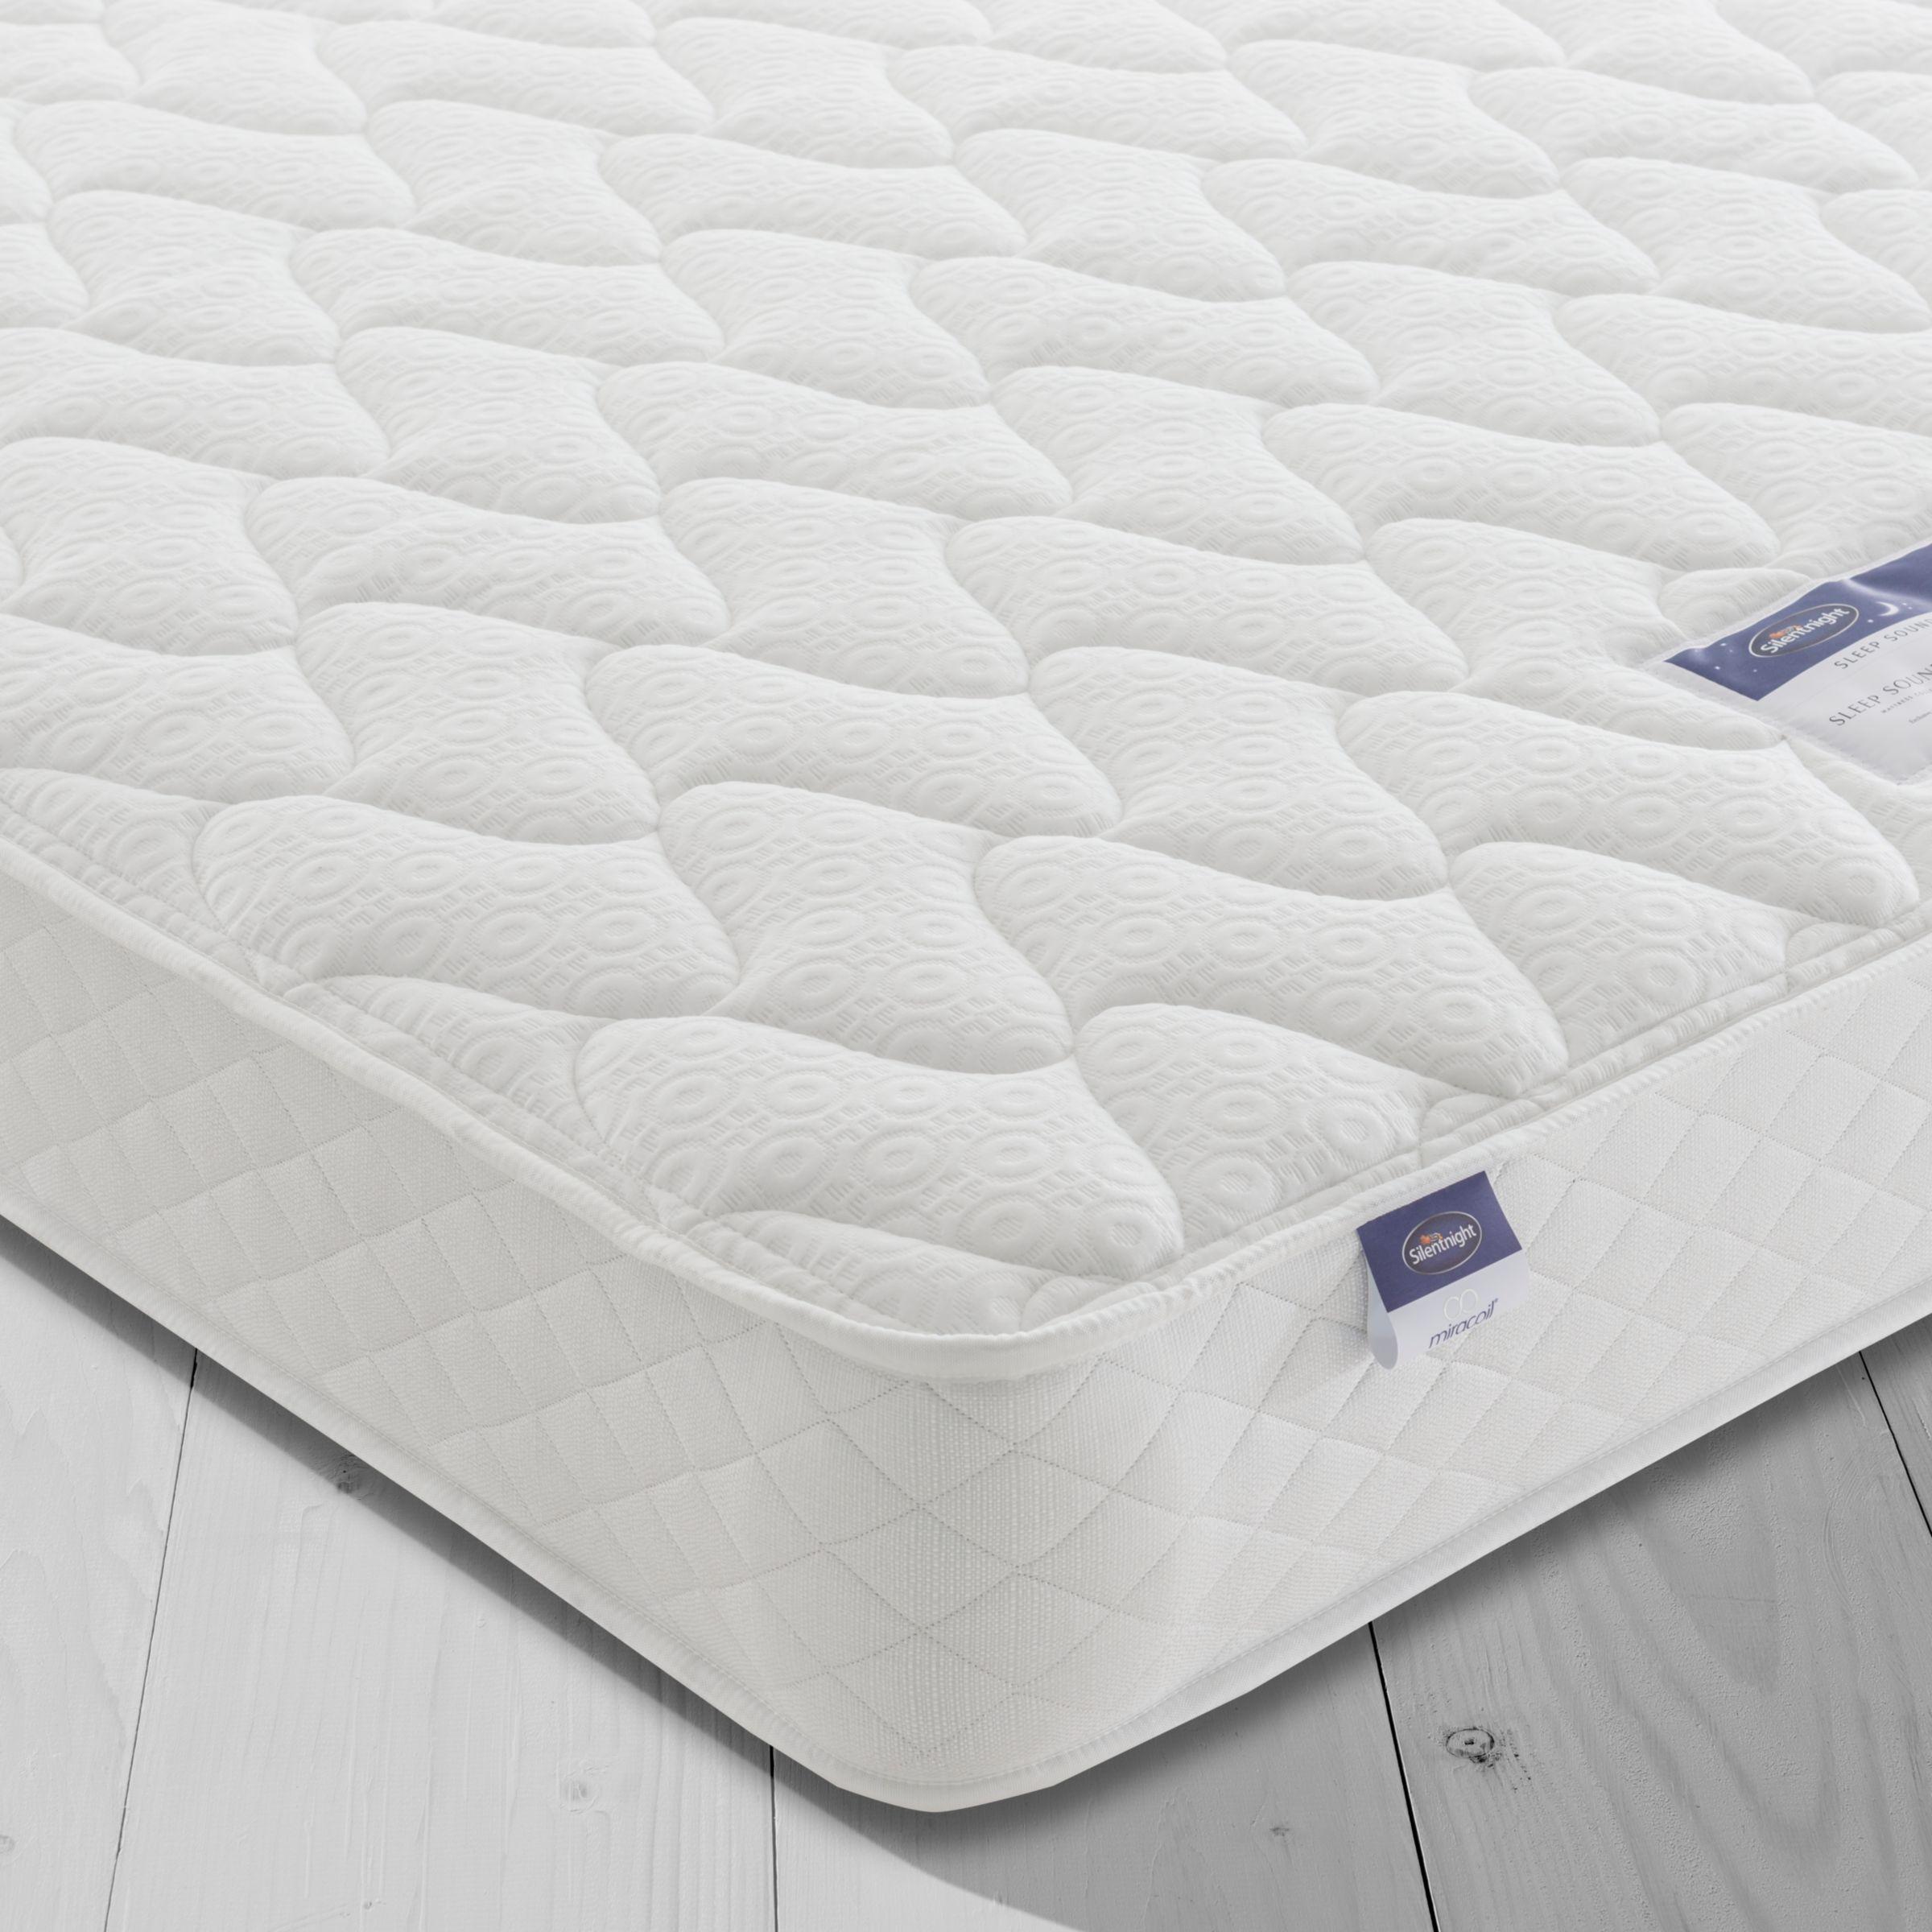 Silentnight Silentnight Sleep Soundly Miracoil Comfort Mattress, Firm, Super King Size